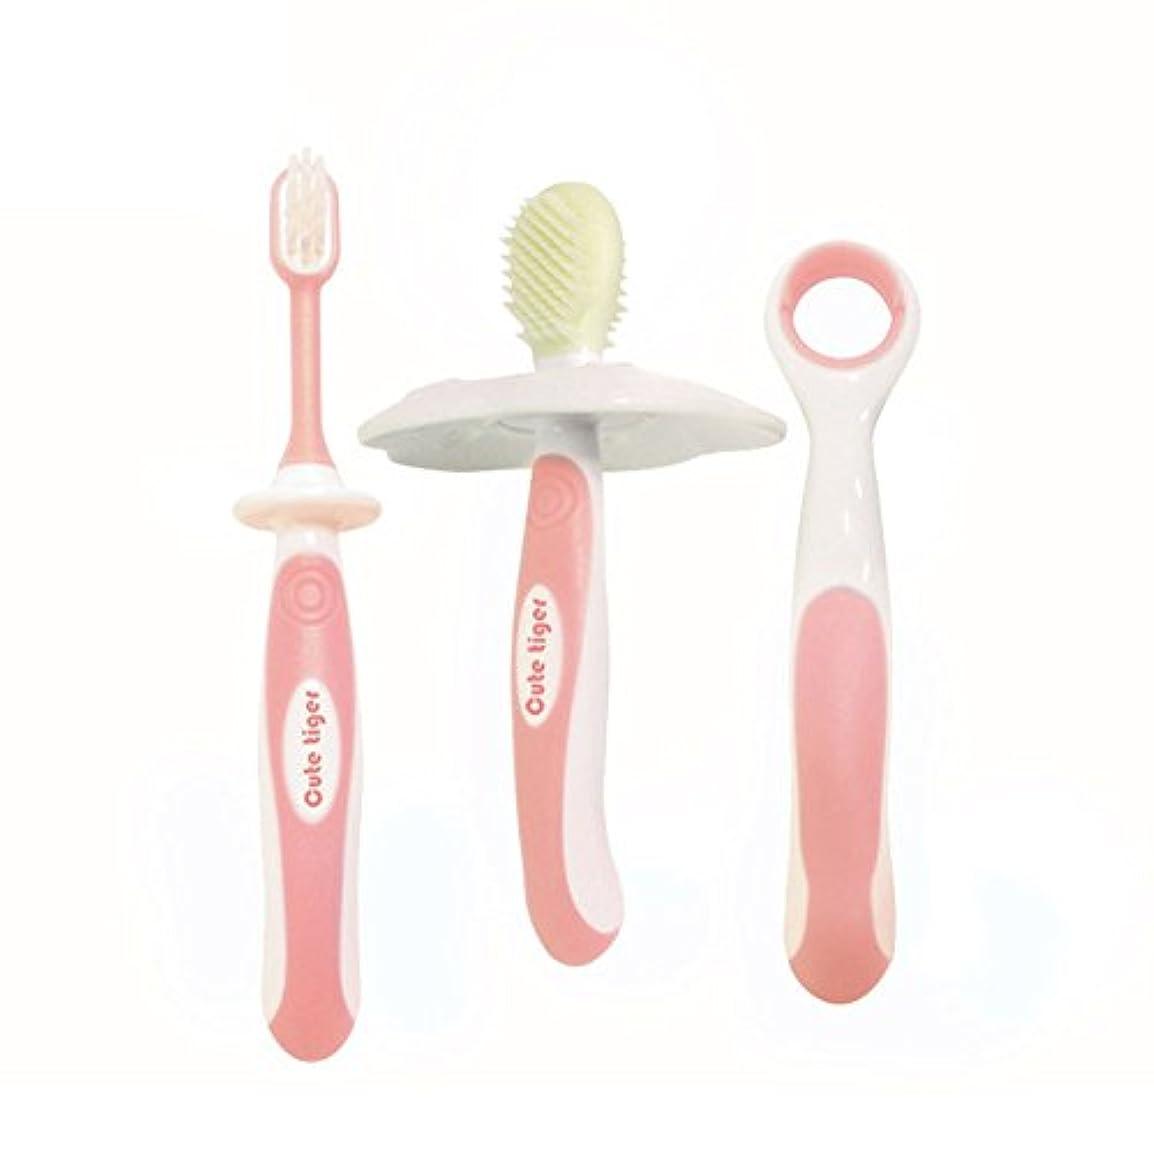 漂流ミッション衝動Liebeye 歯ブラシ 赤ちゃん シリコーン キッズ 舌クリーニング 歯科ケアトレーニング 歯がため 4本/セット ピンク